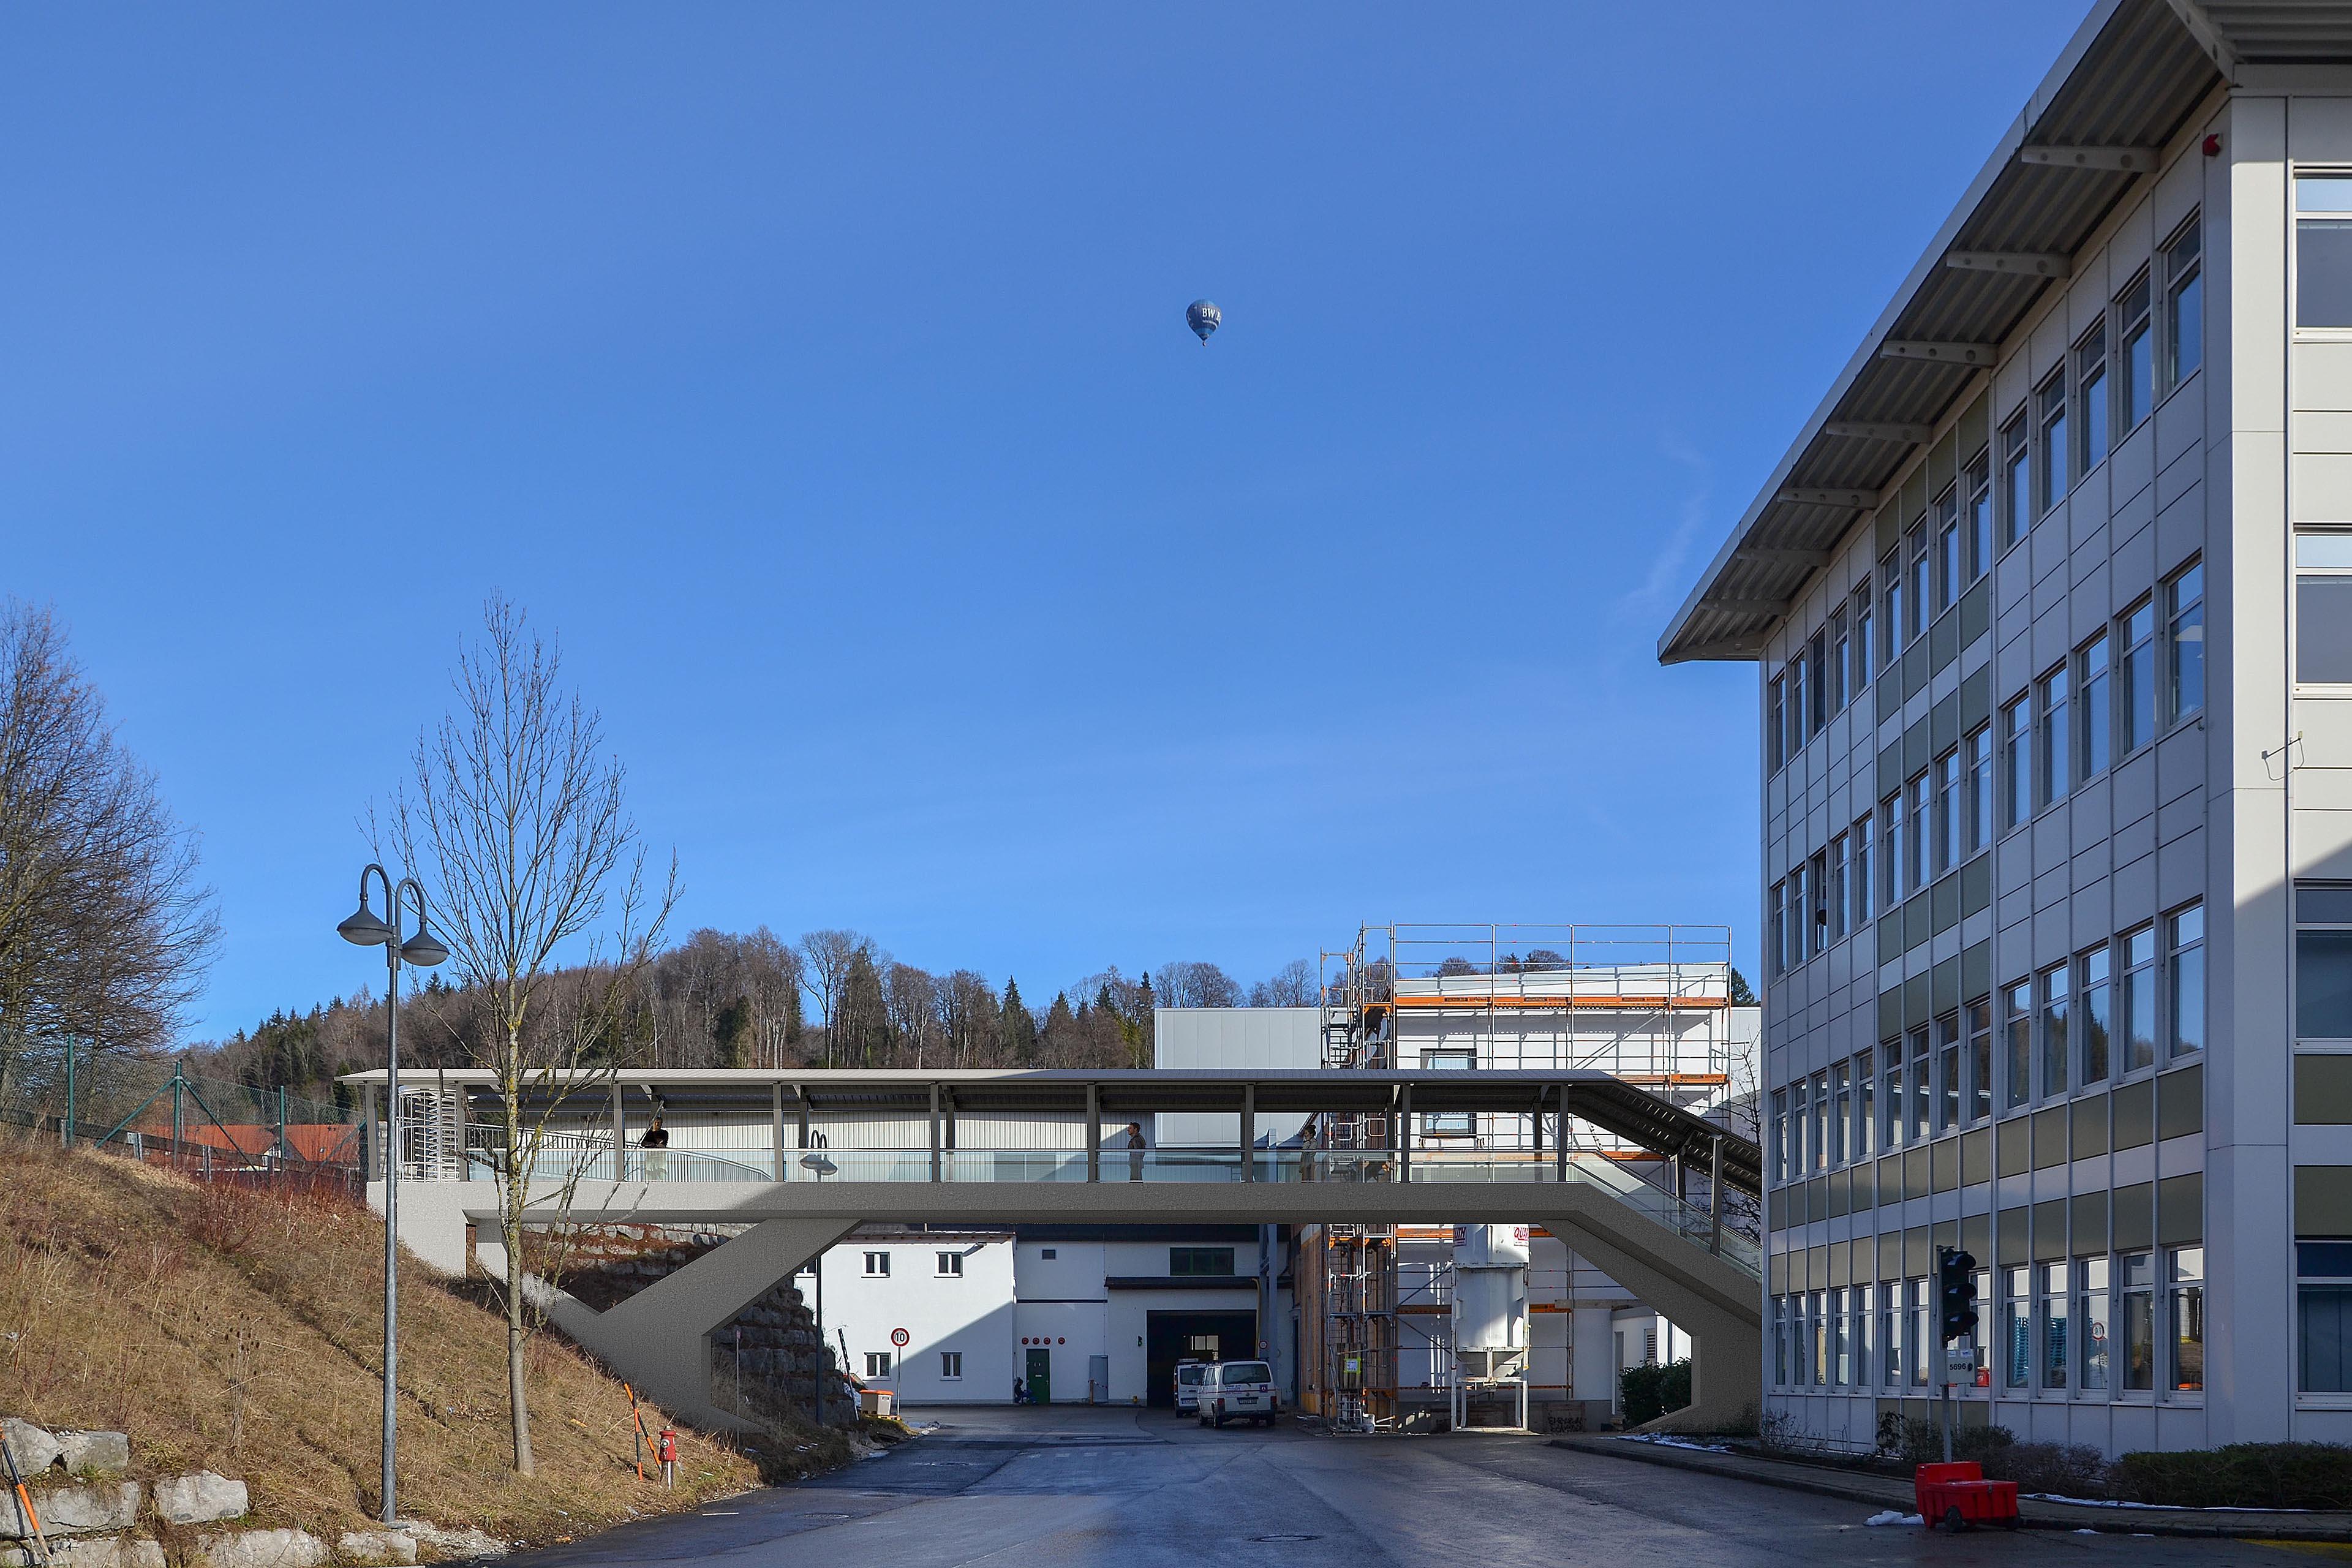 Architekturvisualisierung Fußgängerbrücke